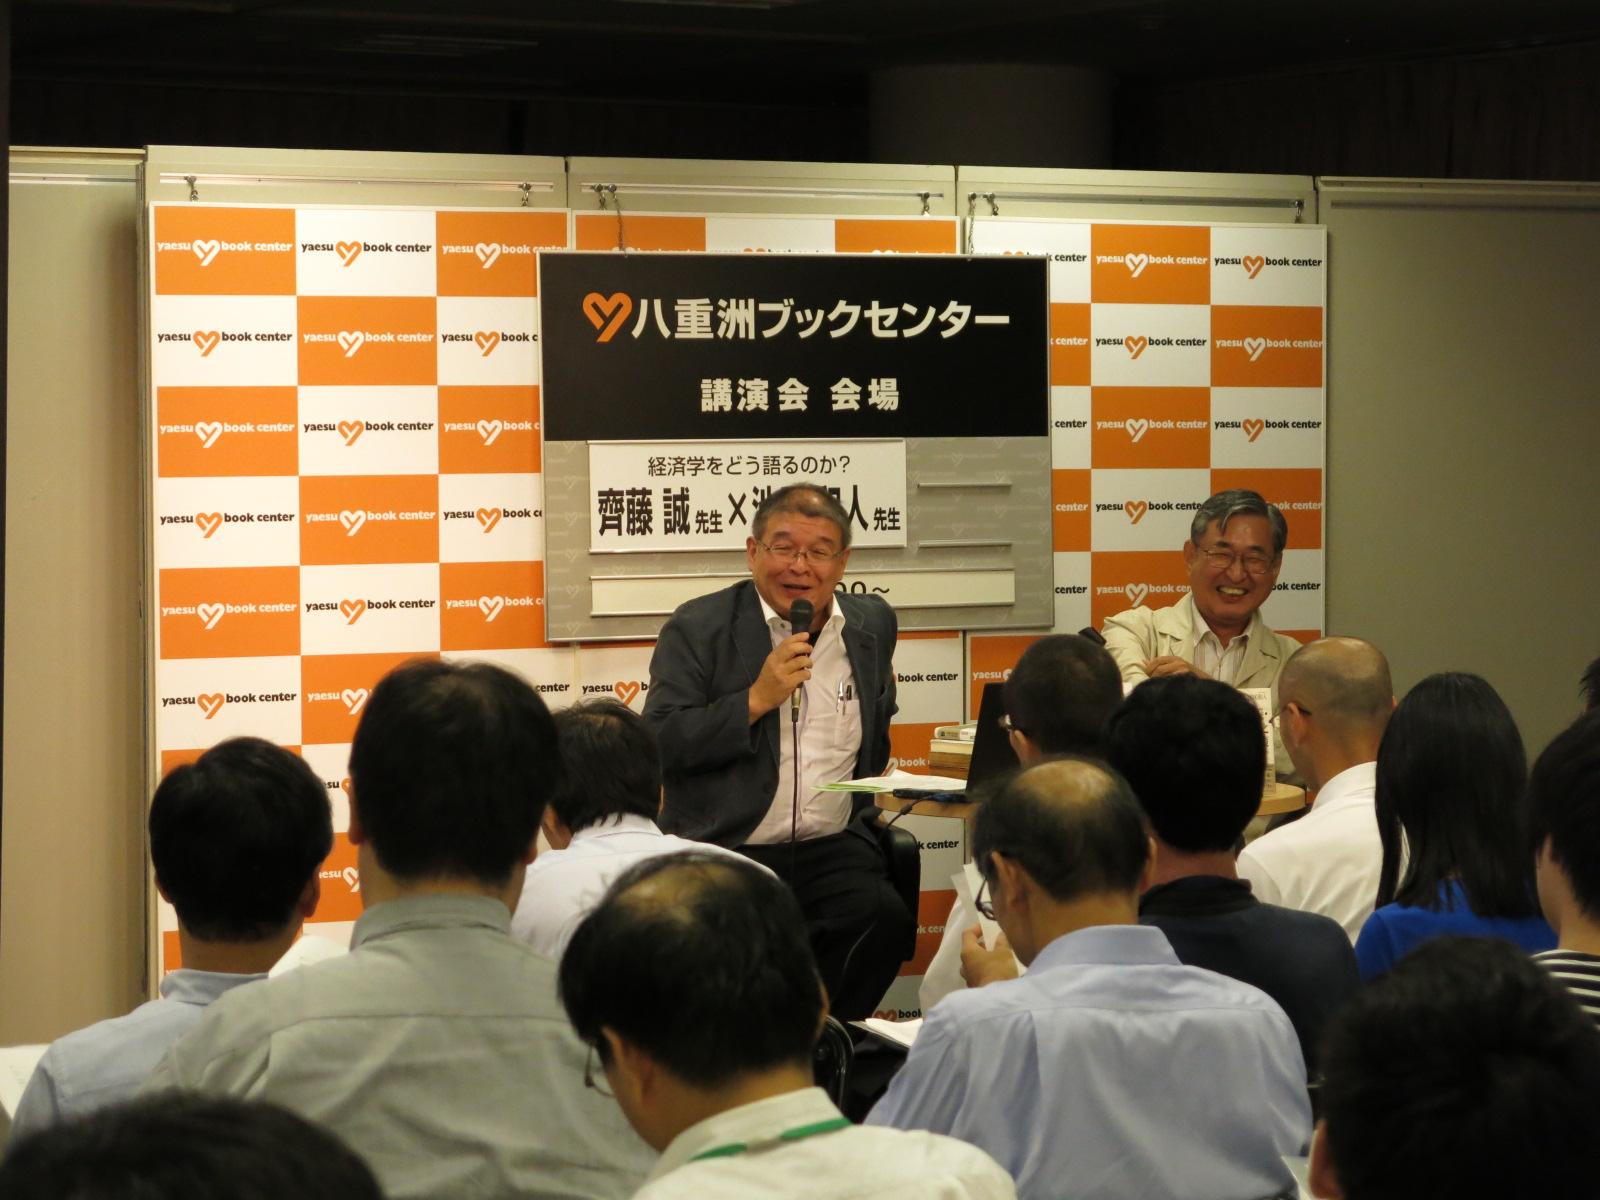 『父が息子に語るマクロ経済学』イベント in 八重洲ブックセンター本店